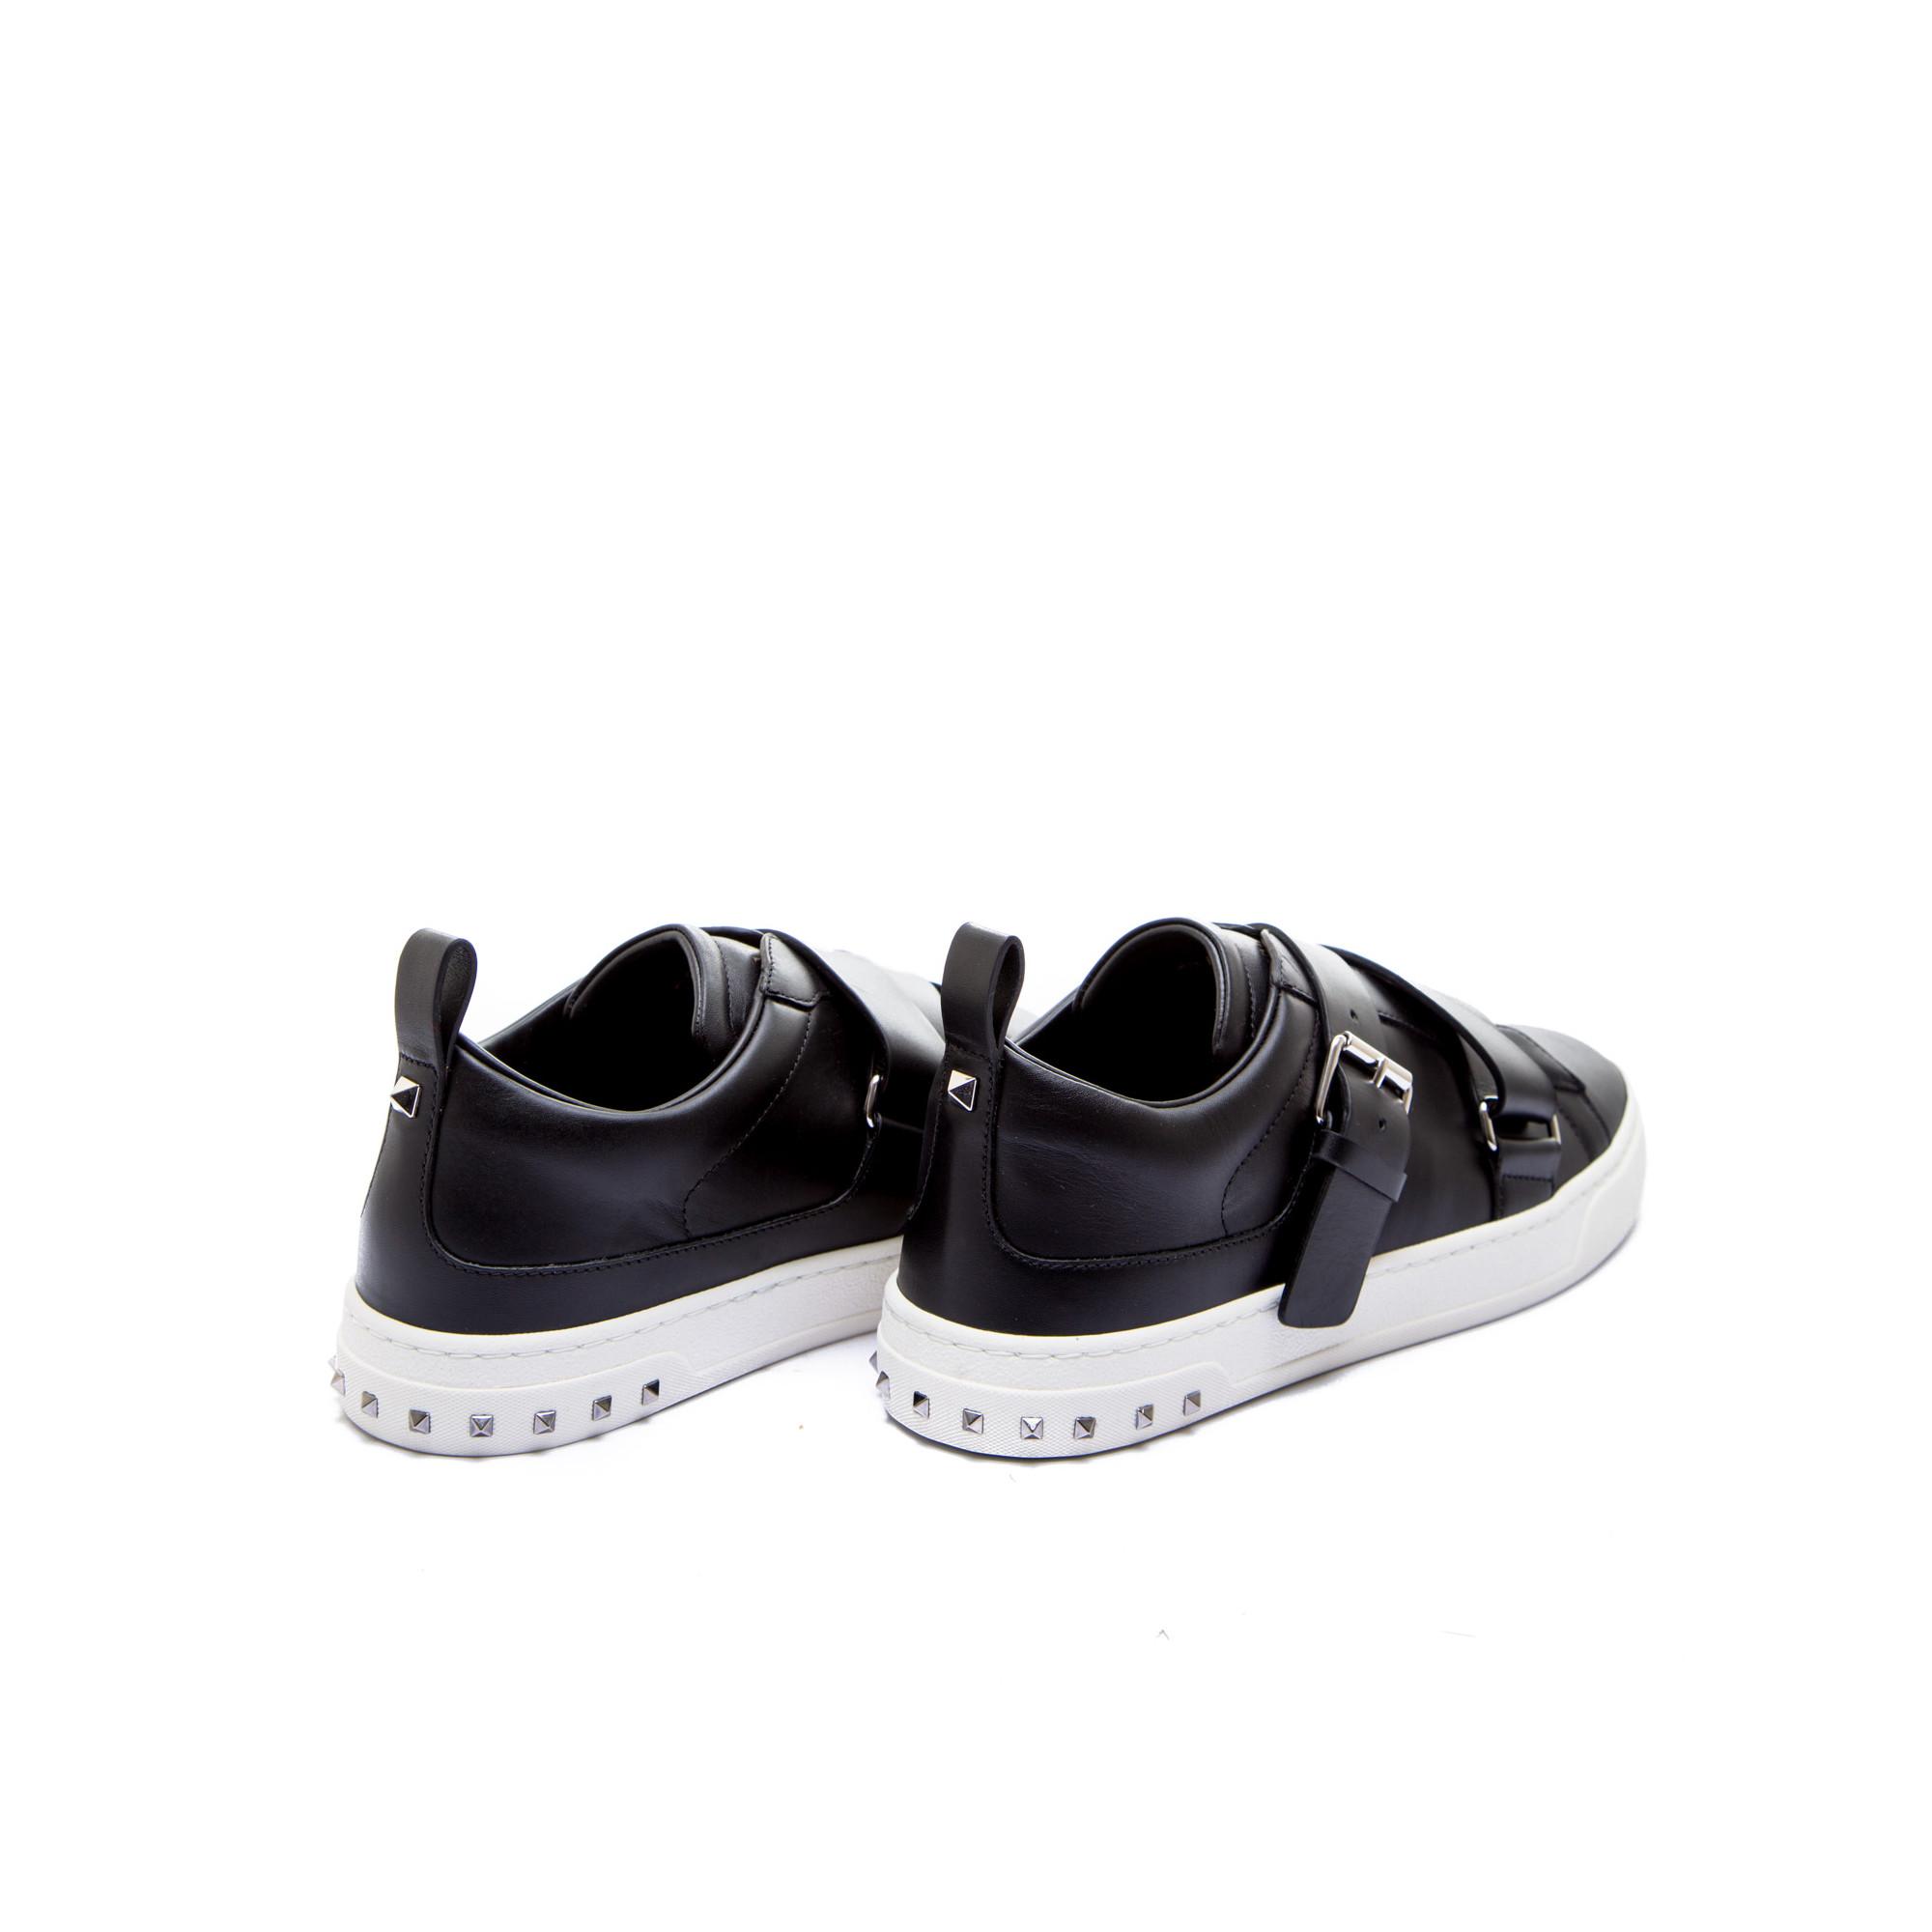 Alexander Mcqueen Chaussures Noires Taille 40 Avec Boucle Pour Les Hommes N1ACyZB